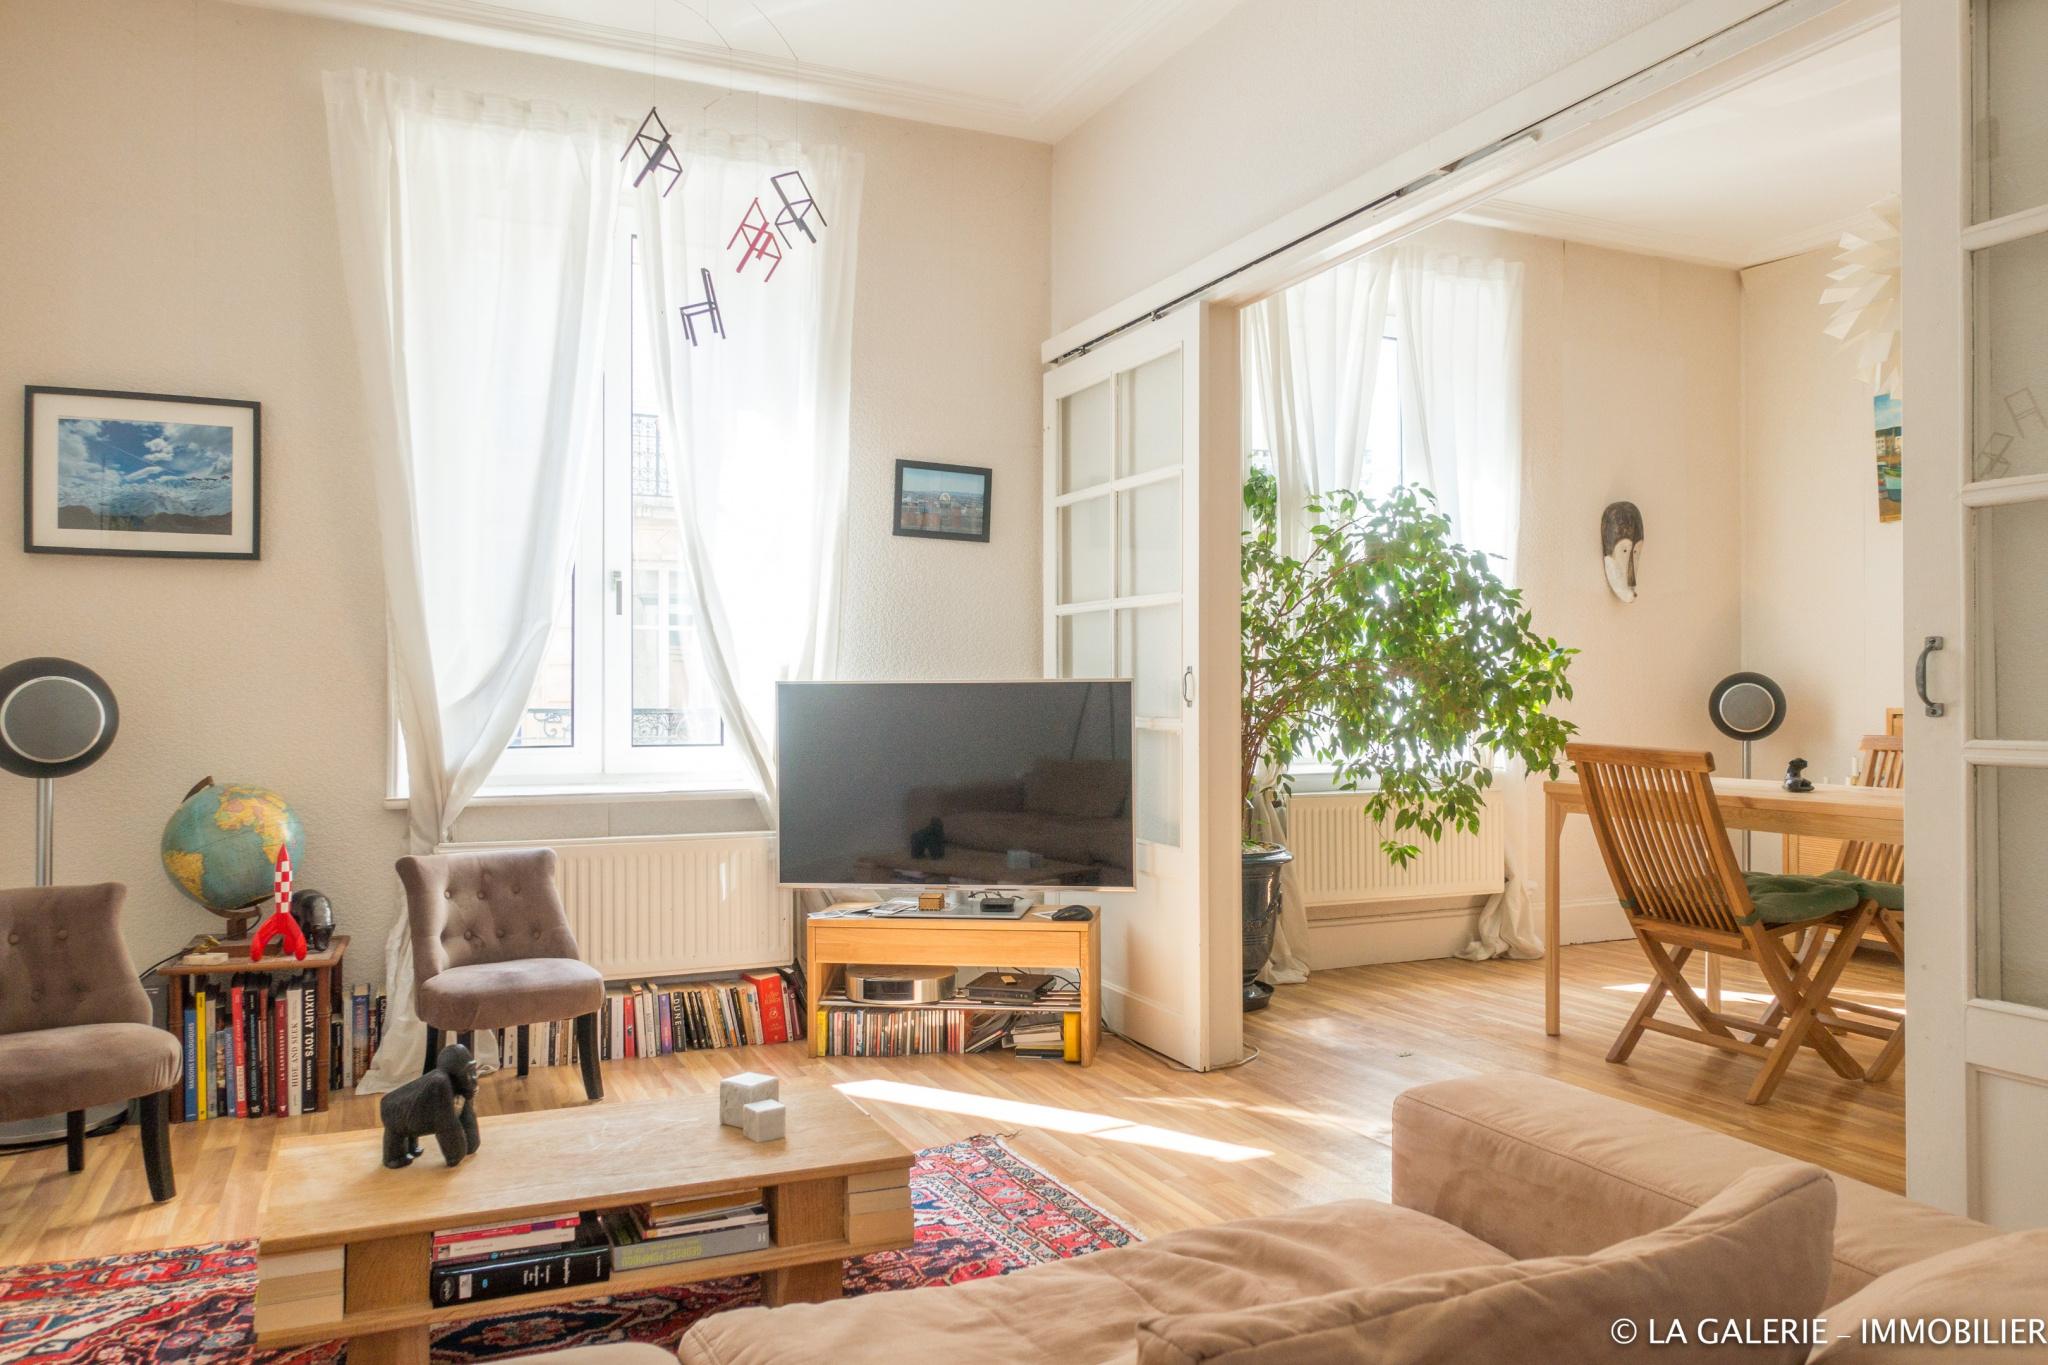 Vente nancy quartier anatole france maison de ville - Maison jardin furniture nancy ...